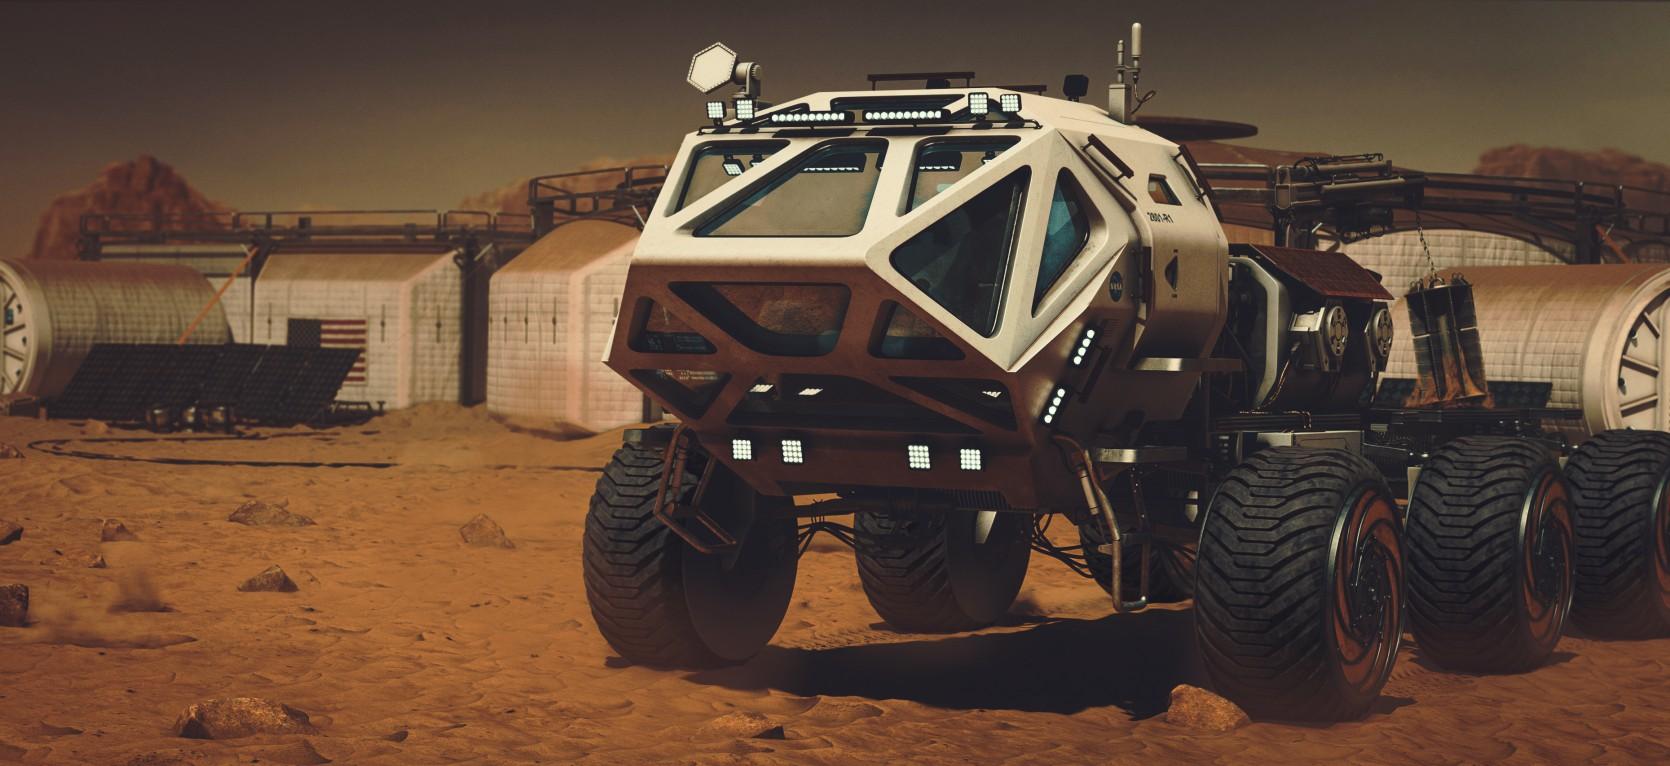 The Martian Rover 1.